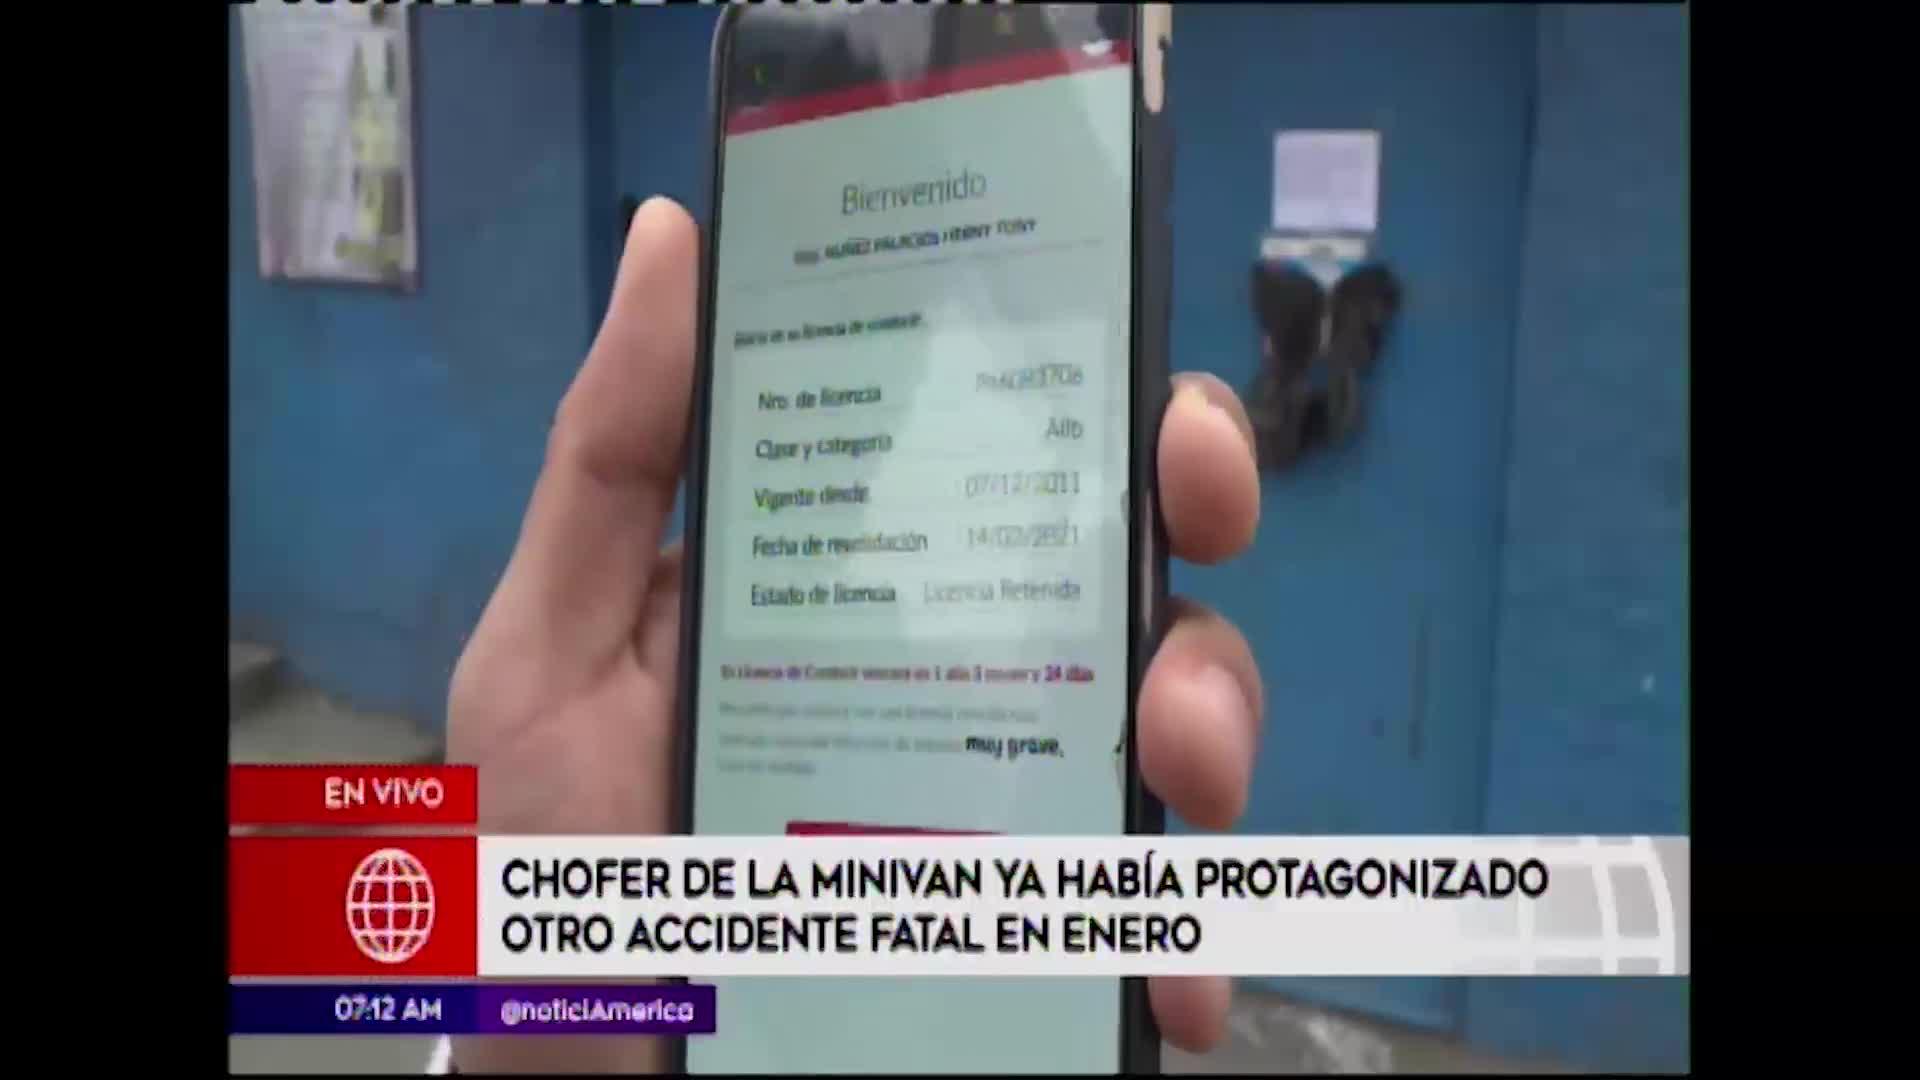 Huarochirí: chofer de minivan tenía el brevete suspendido